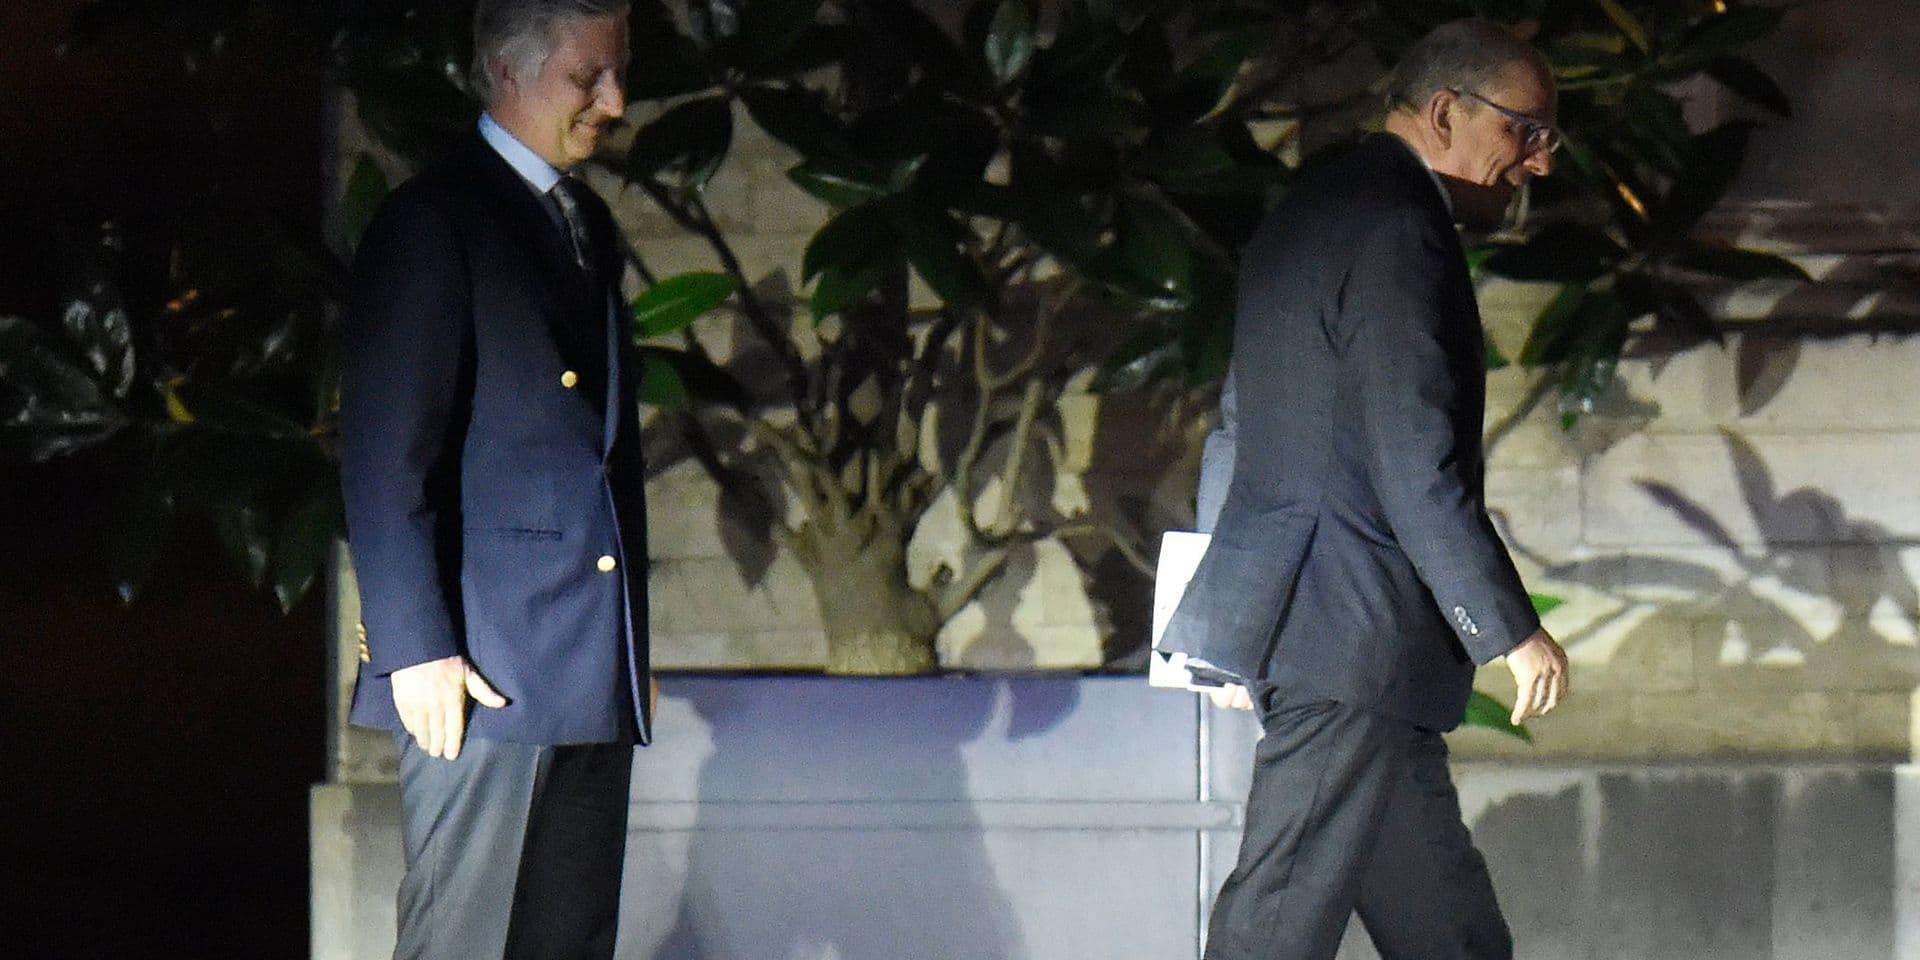 Informator Koen Geens to King Philippe / 14.02